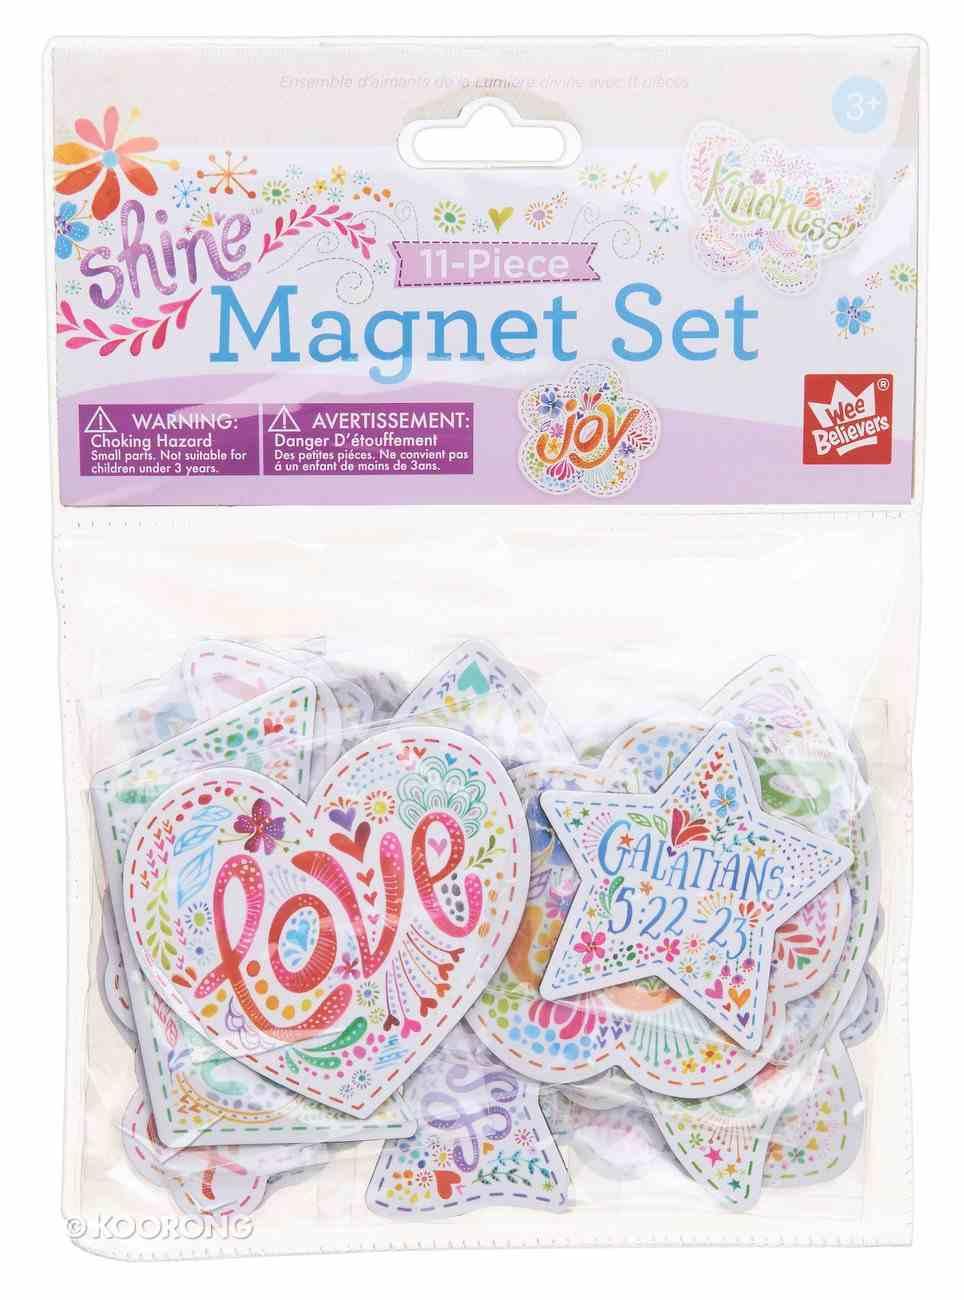 Magnet Set of 11: Let Your Light Shine Novelty